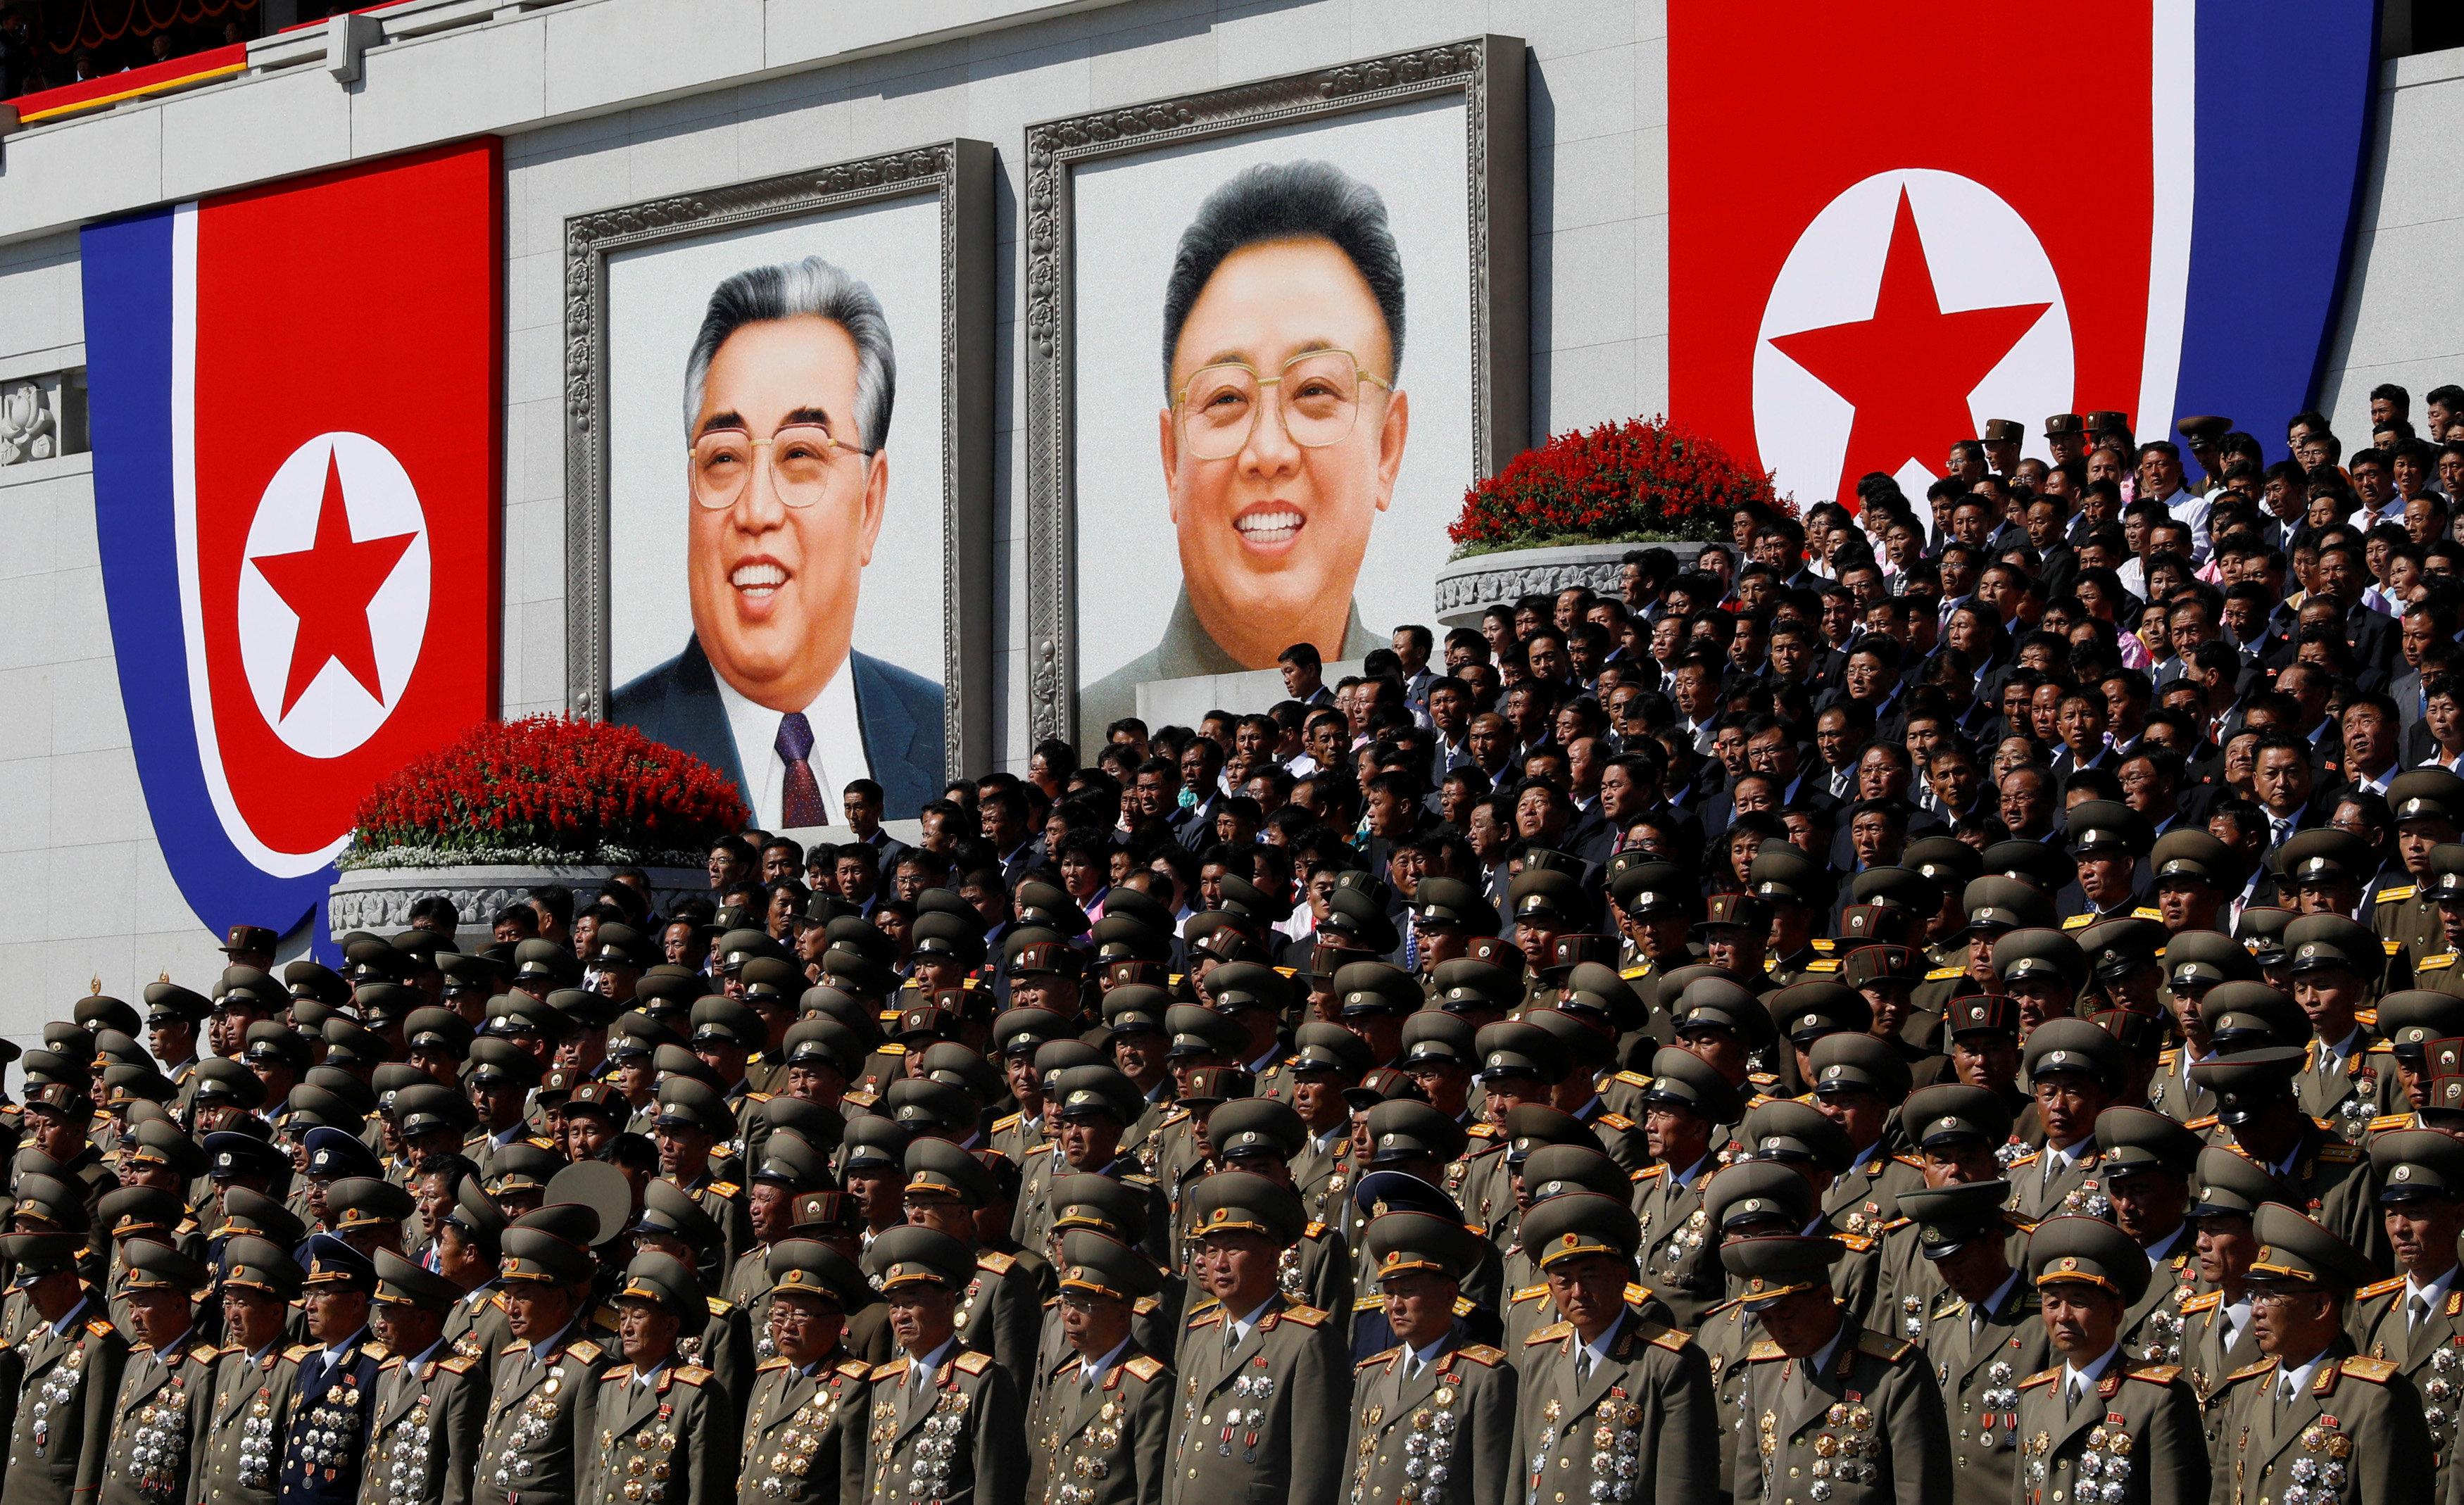 الضباط العسكريون يقفون بالقرب من صور مؤسس كوريا الشمالية